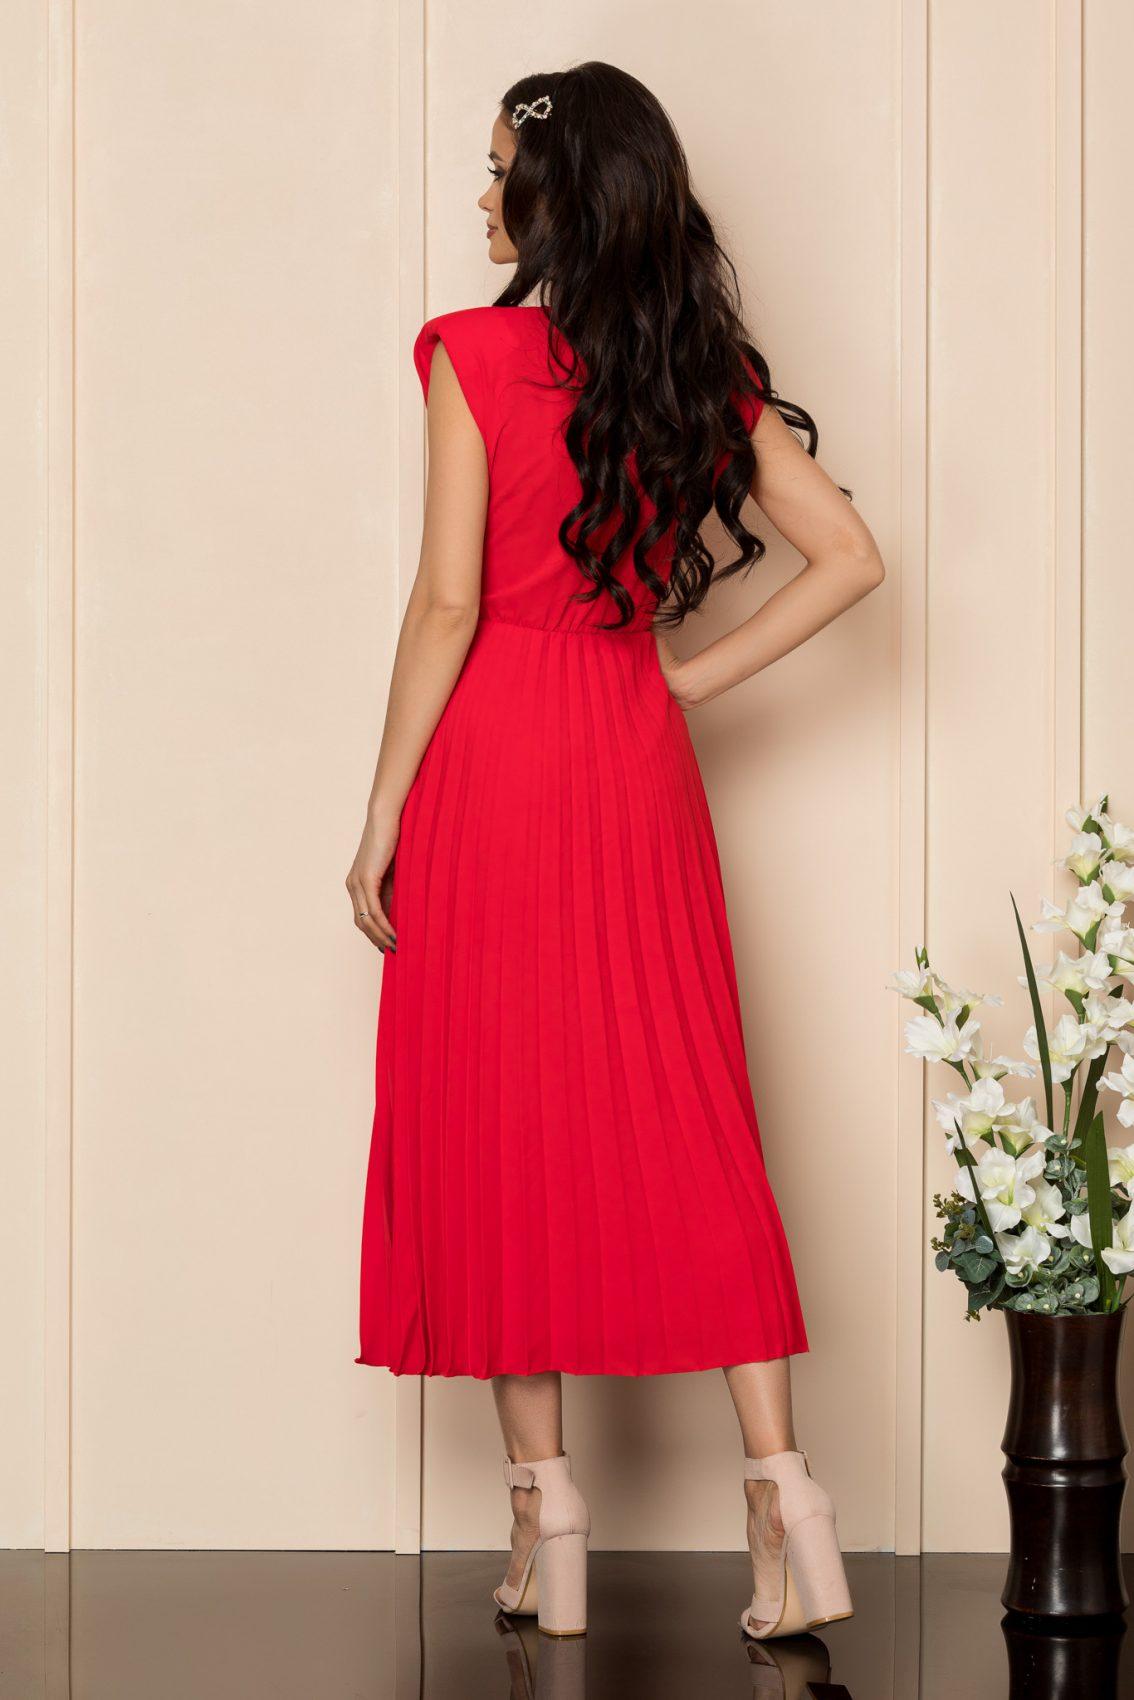 Κόκκινο Μίντι Φόρεμα Με Βάτες Carmen A406 2